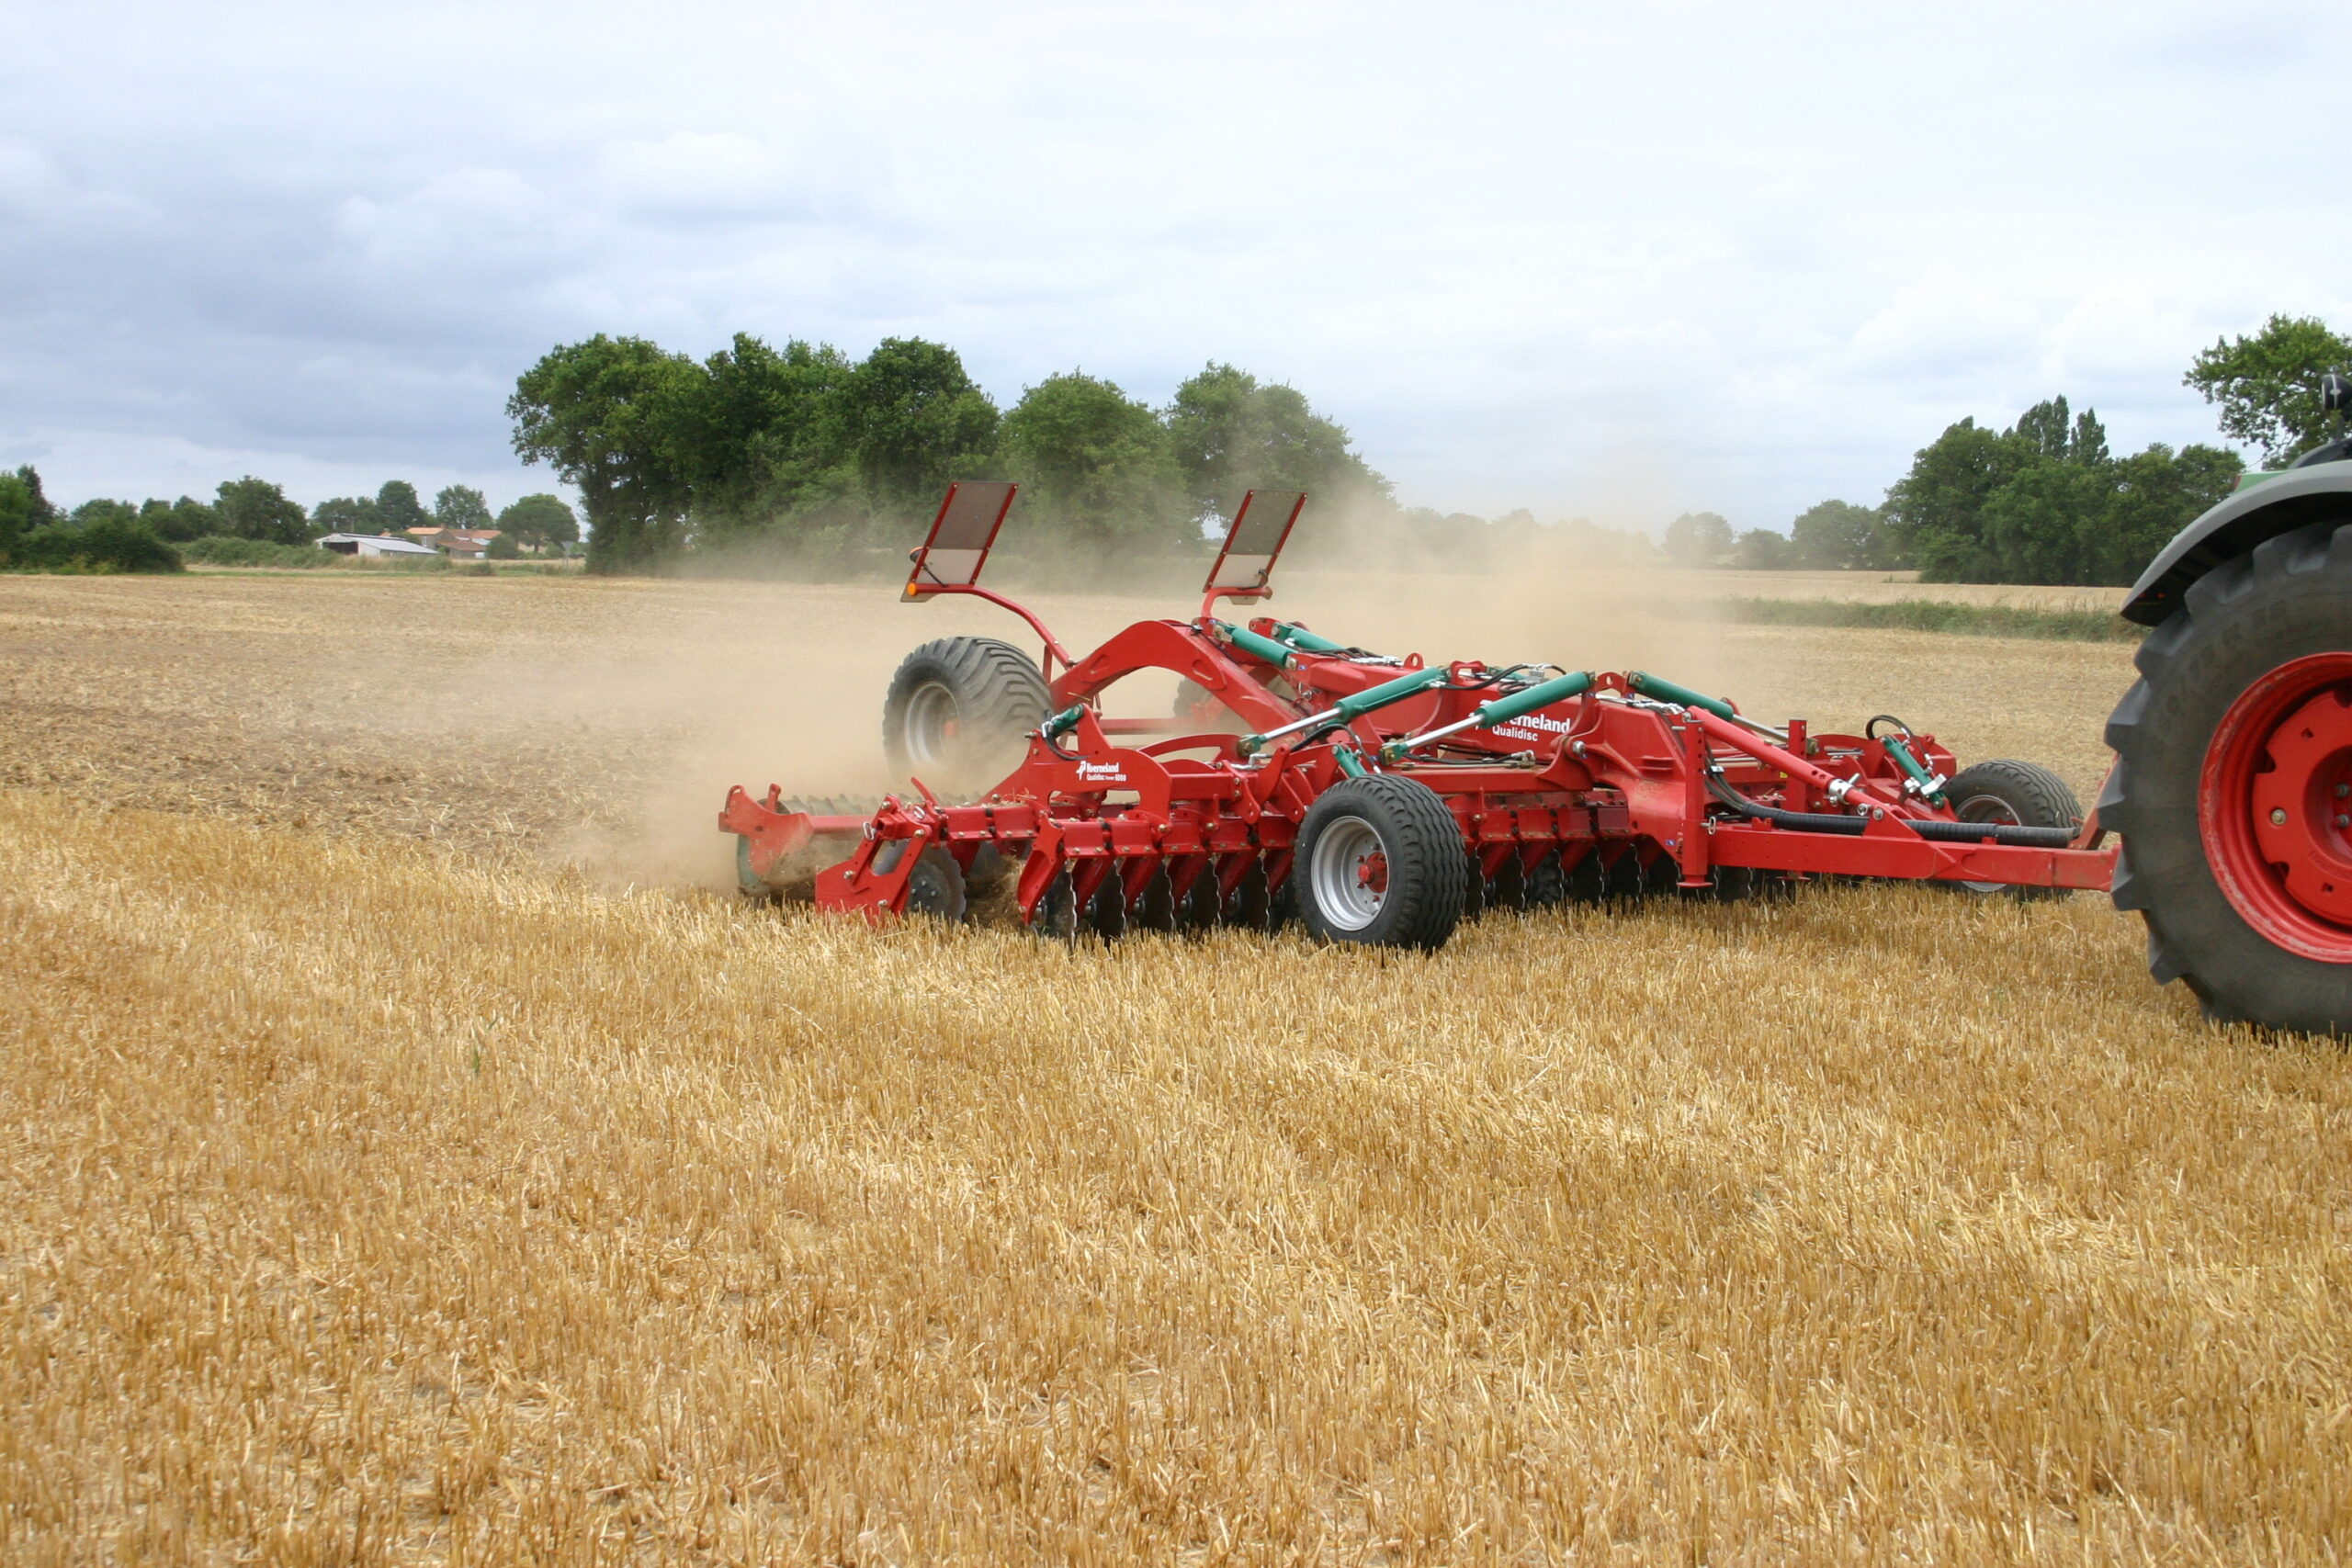 Ristone Holdings инвестирует в почвообрабатывающую технику 800 тыс. $